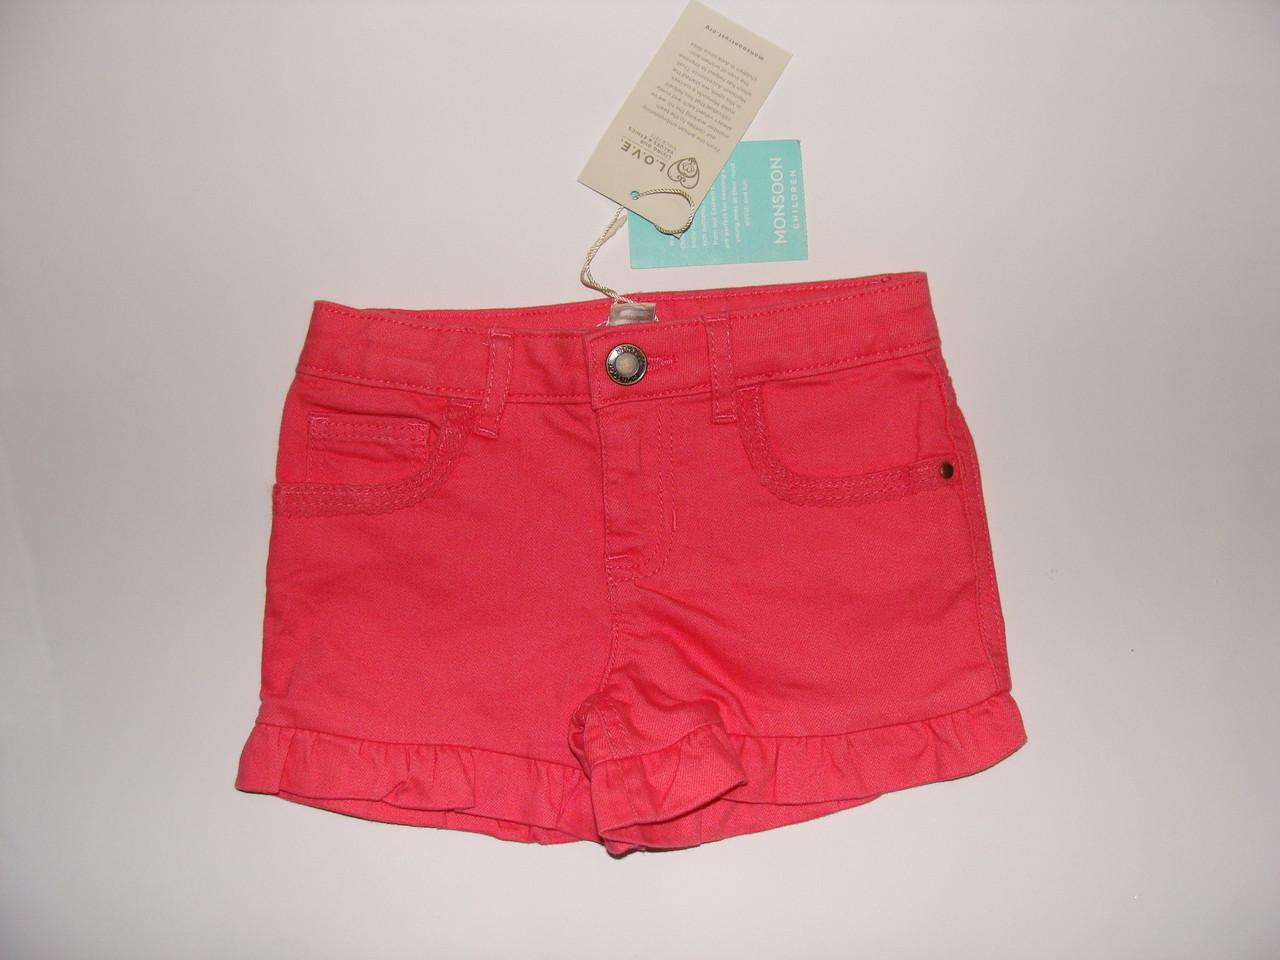 Шорты для девочки джинсовые стрейчевые розовые Monsoon р.104см (4года)